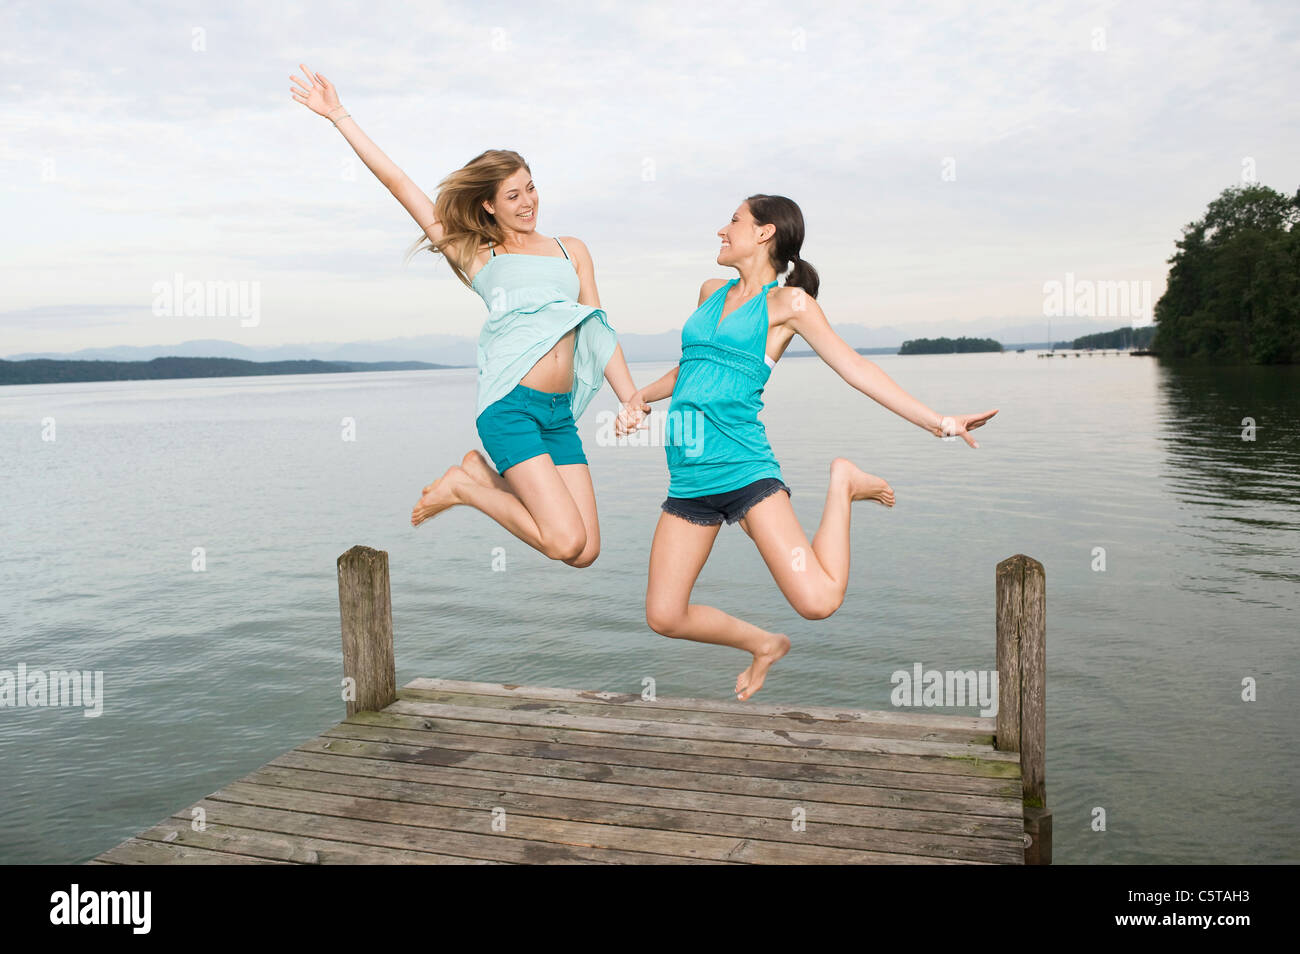 Deutschland, Bayern, Starnberger See, zwei junge Frauen springen auf Steg, lachen, Porträt Stockbild